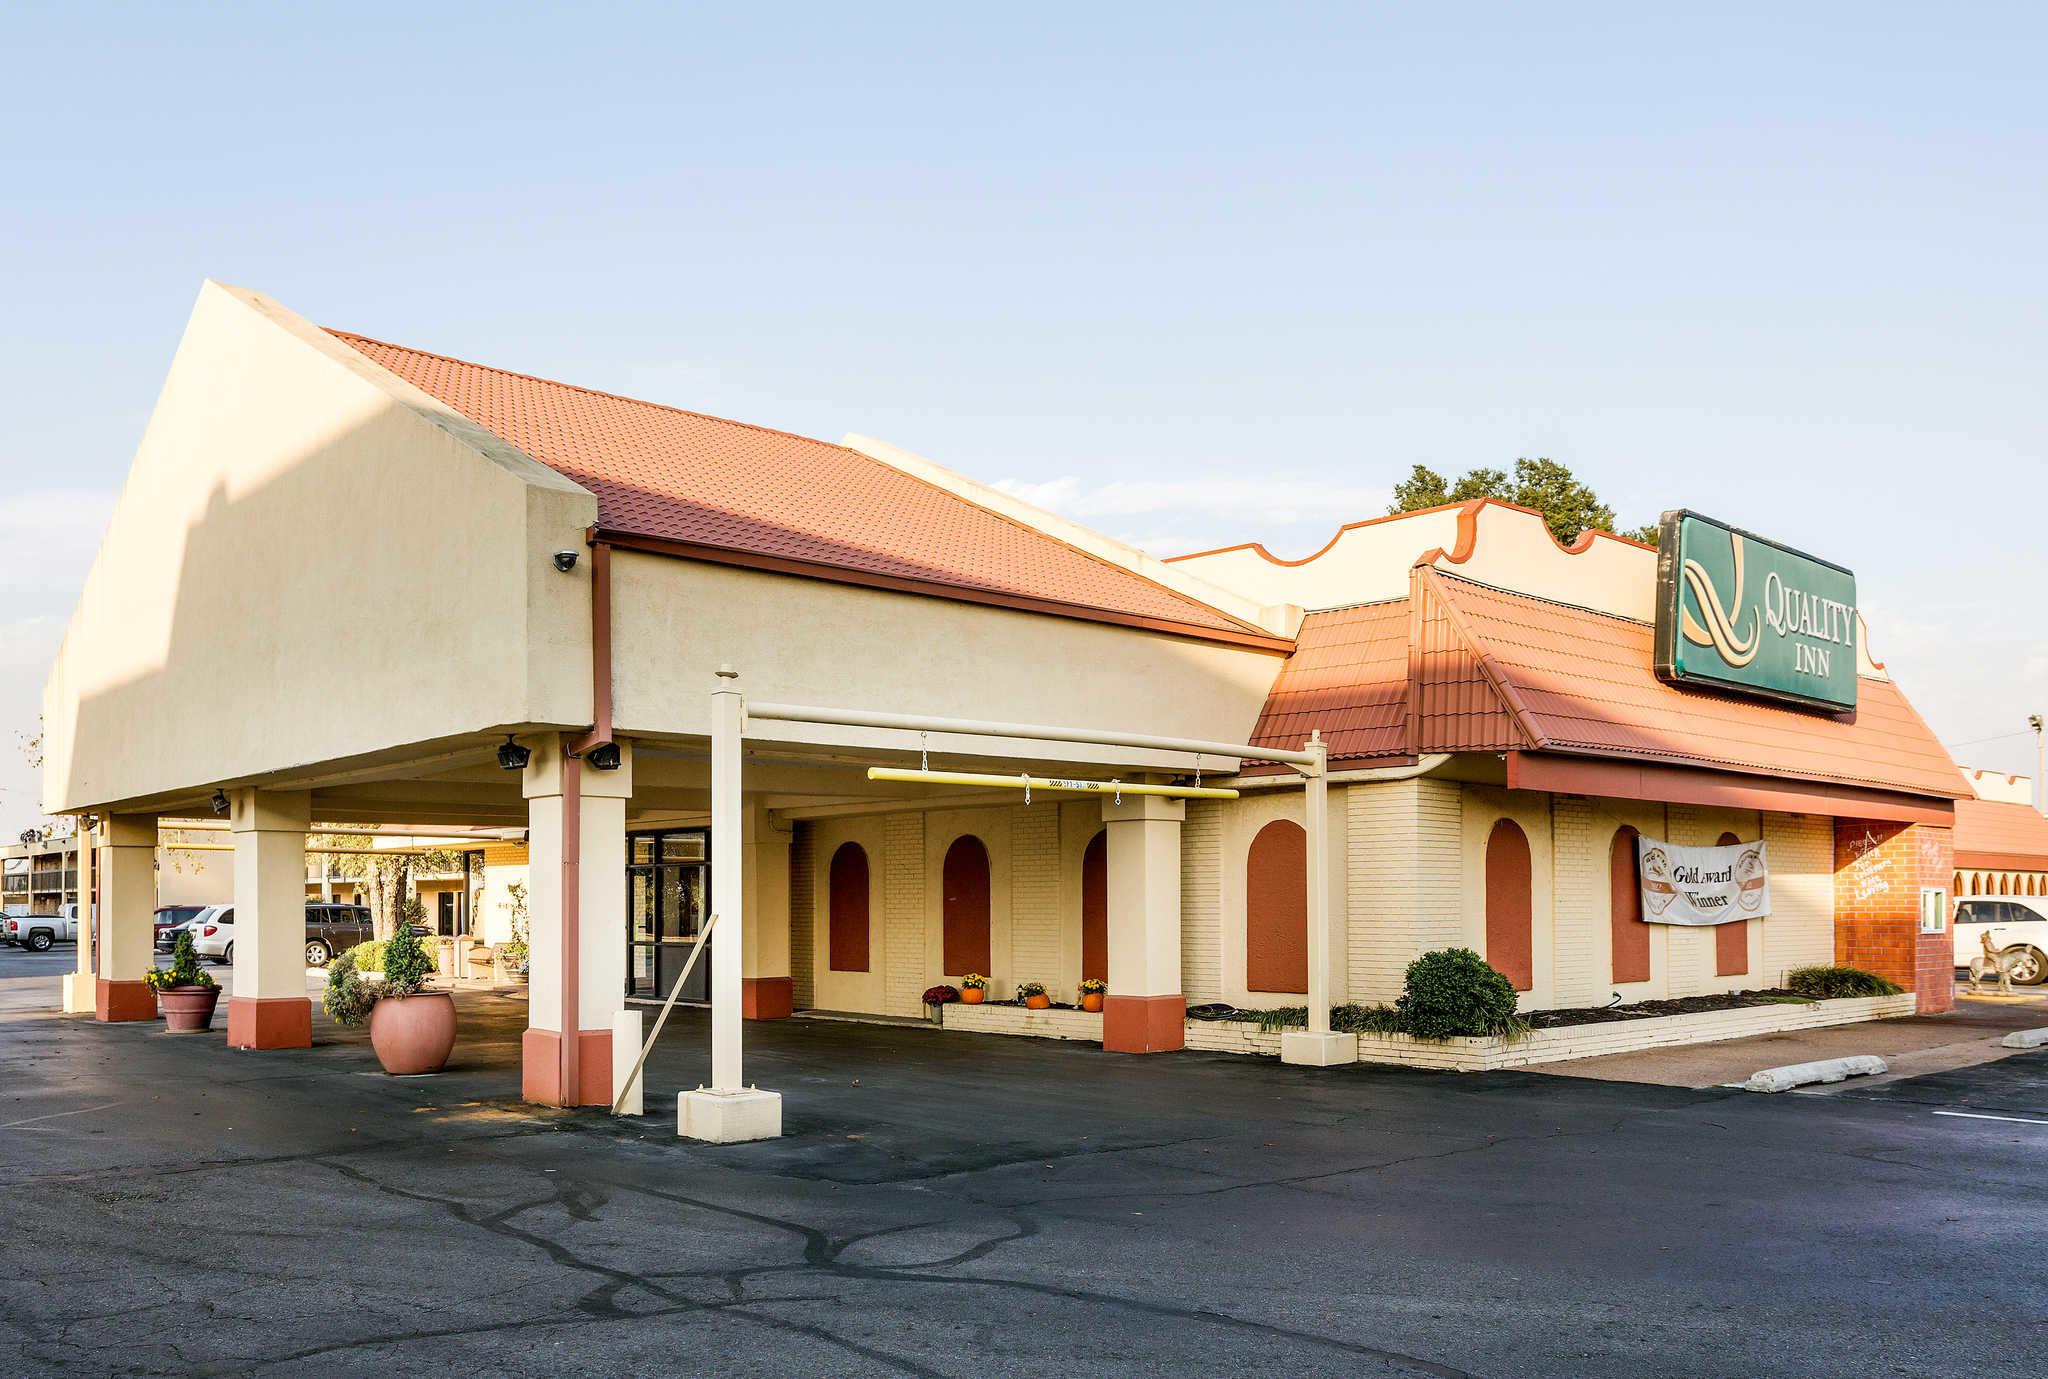 Hotels In Blytheville Arkansas